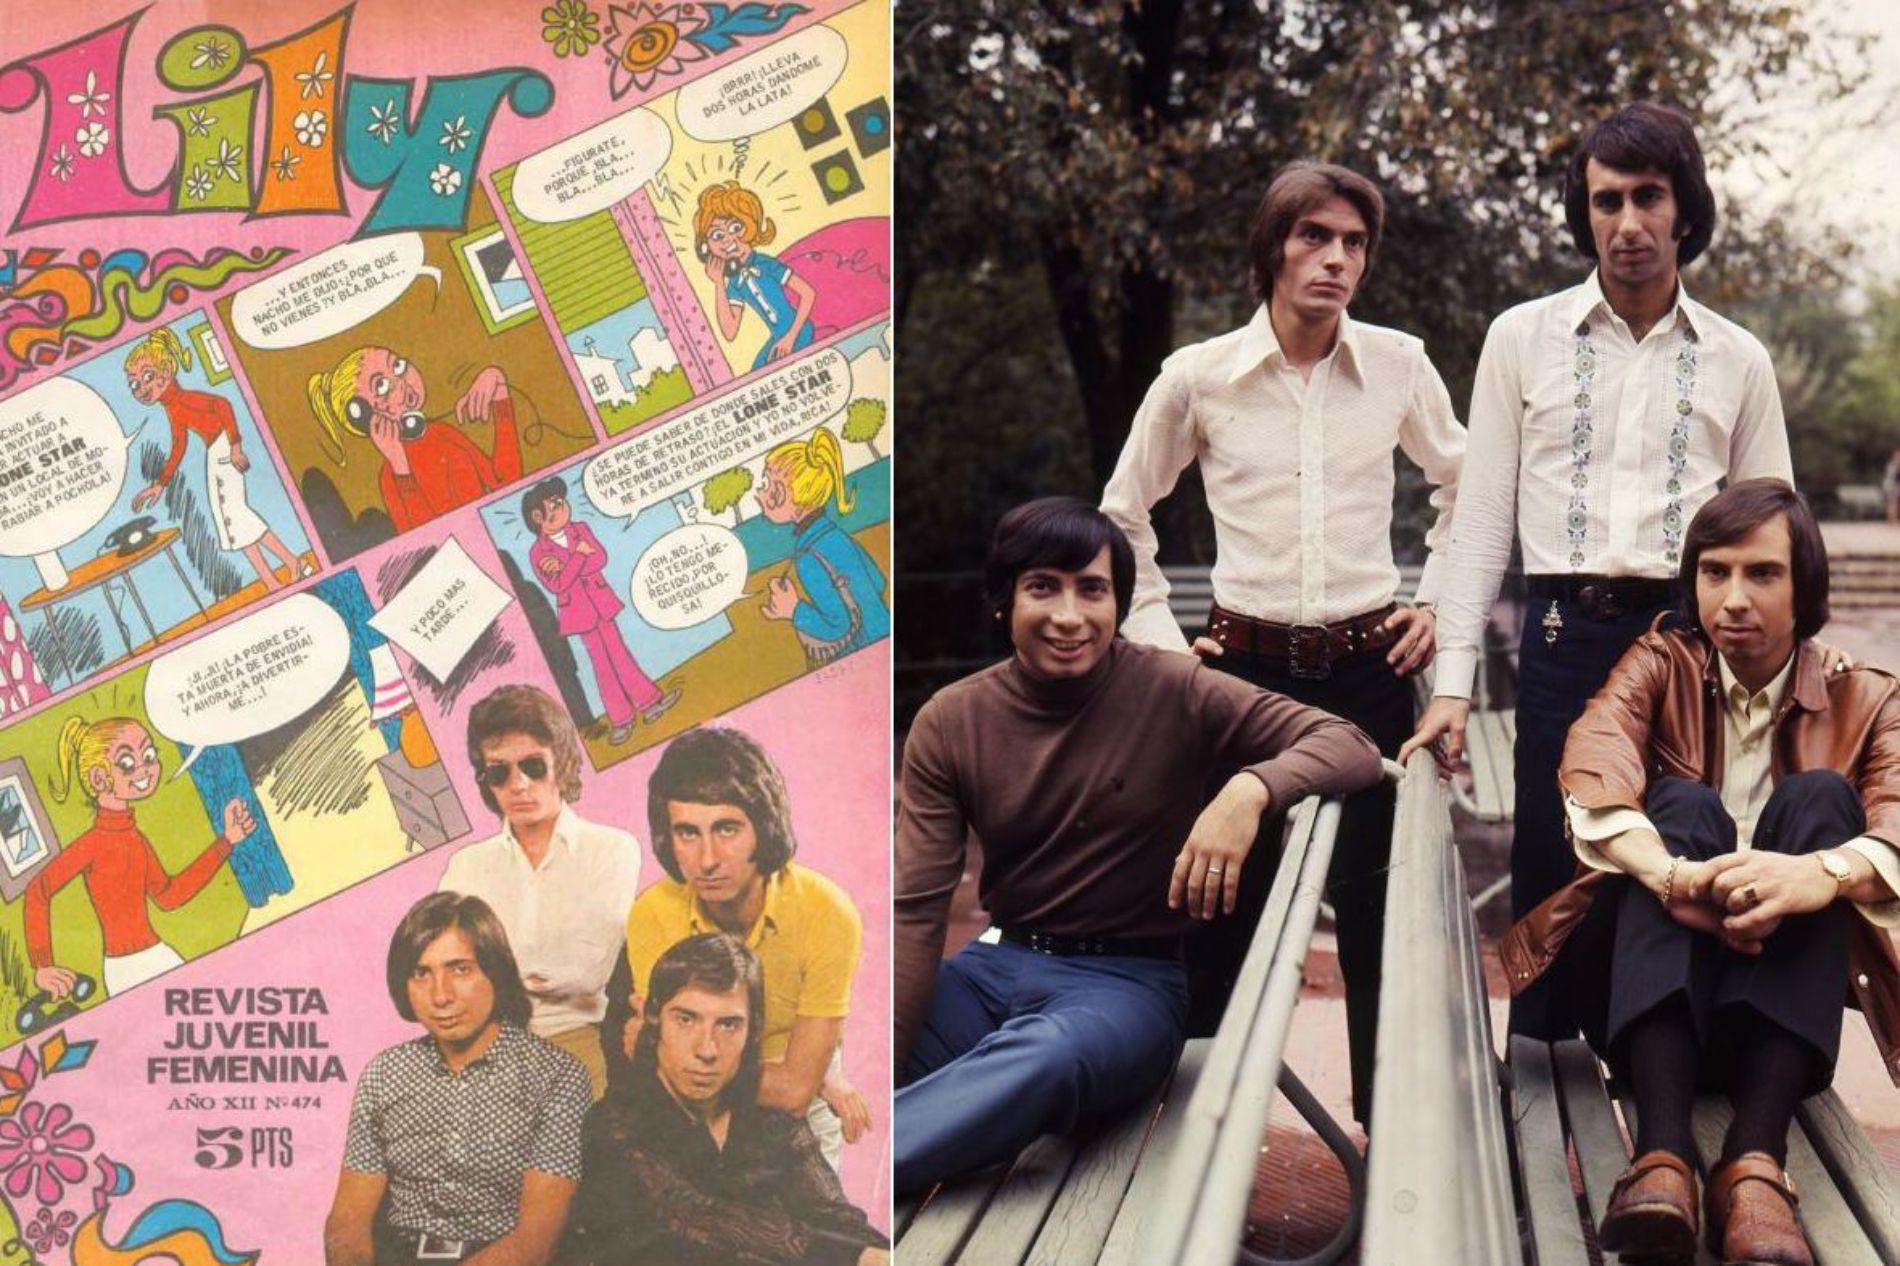 El deseado grupo Lone Star en la portada de una revista femenina de la época y durante una gira, en los 70. Foto: Facebook.